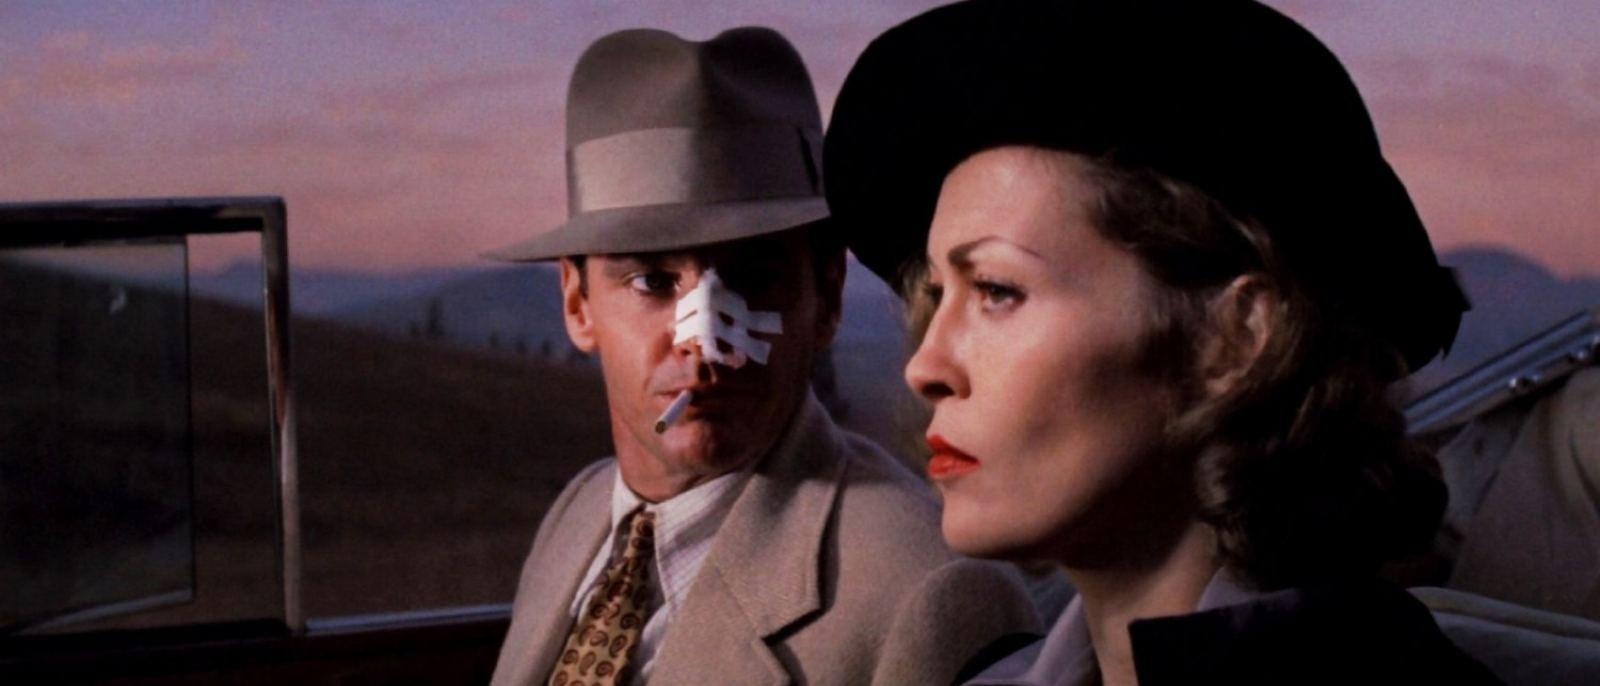 """Jack Nicholson and Faye Dunaway in """"Chinatown"""" (1974)"""